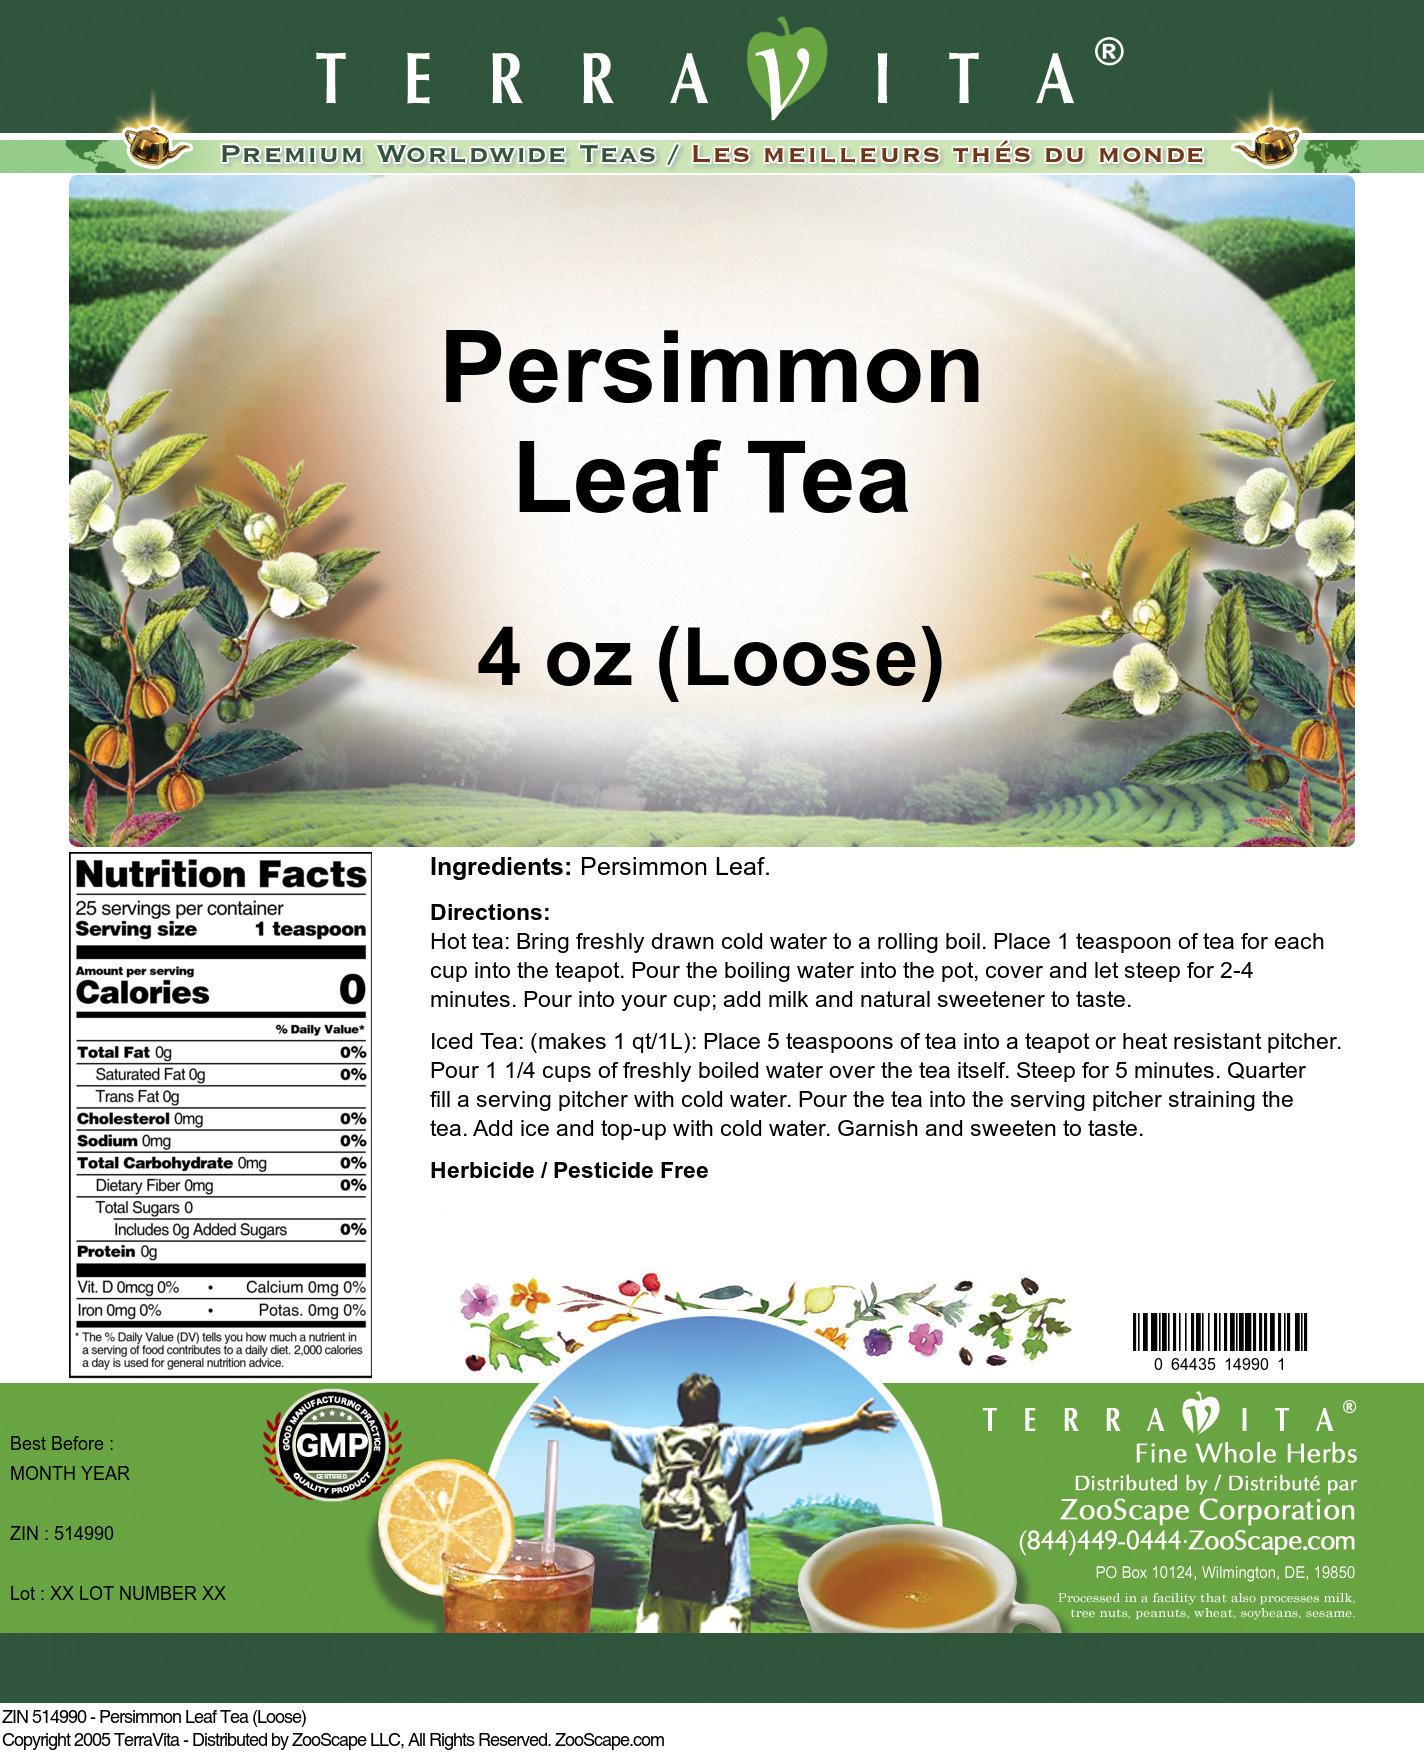 Persimmon Leaf Tea (Loose)